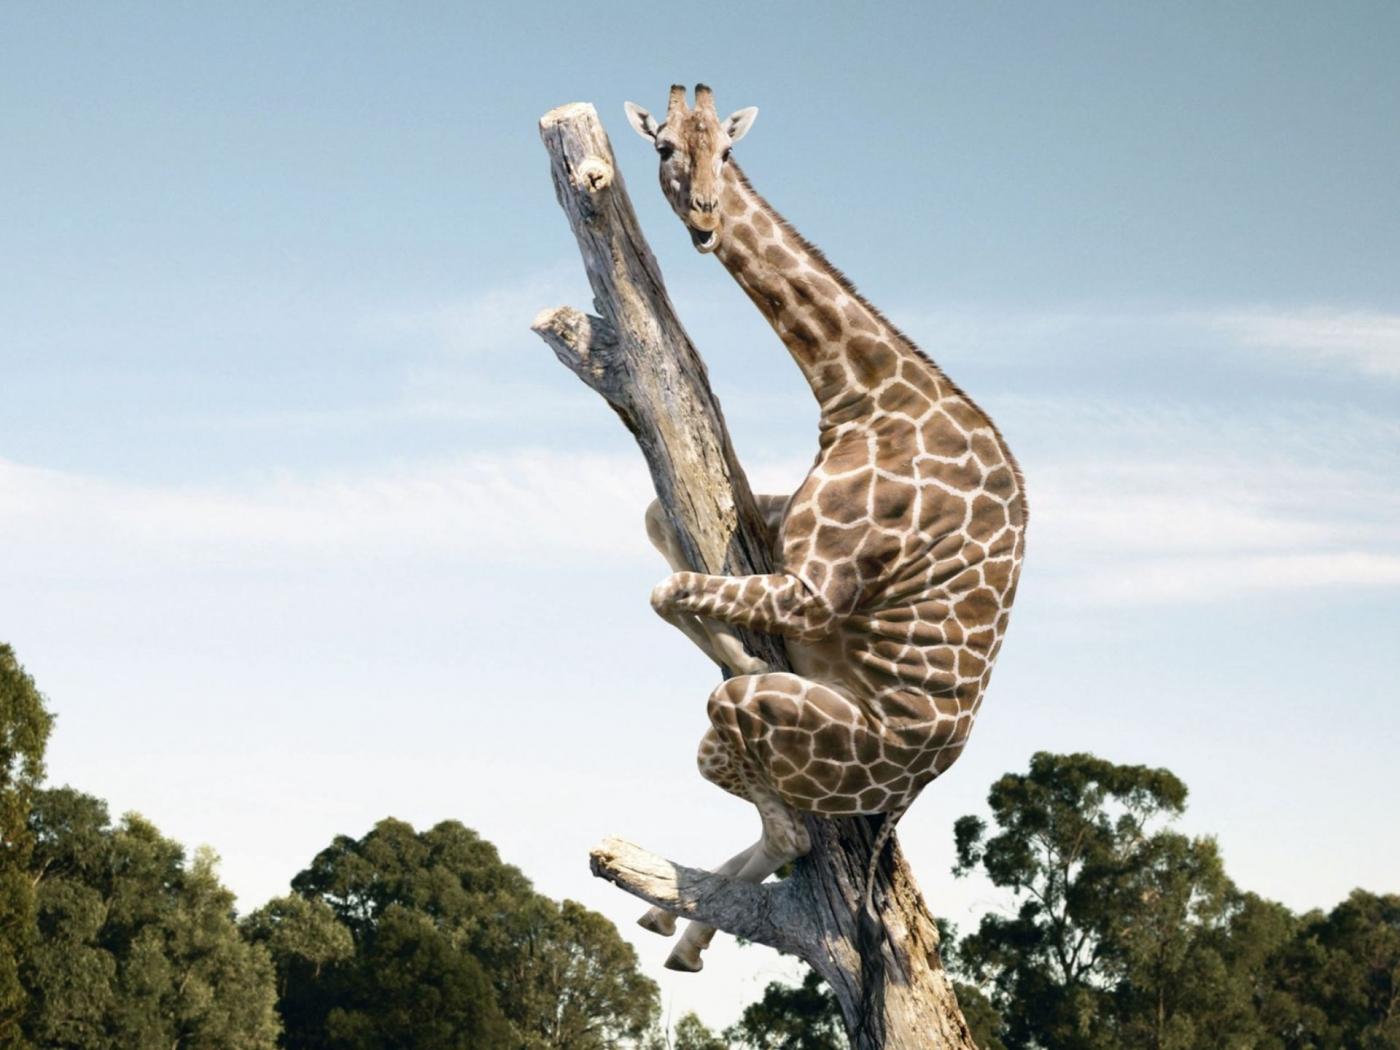 36242 Bildschirmschoner und Hintergrundbilder Humor auf Ihrem Telefon. Laden Sie Humor, Giraffen, Tiere Bilder kostenlos herunter